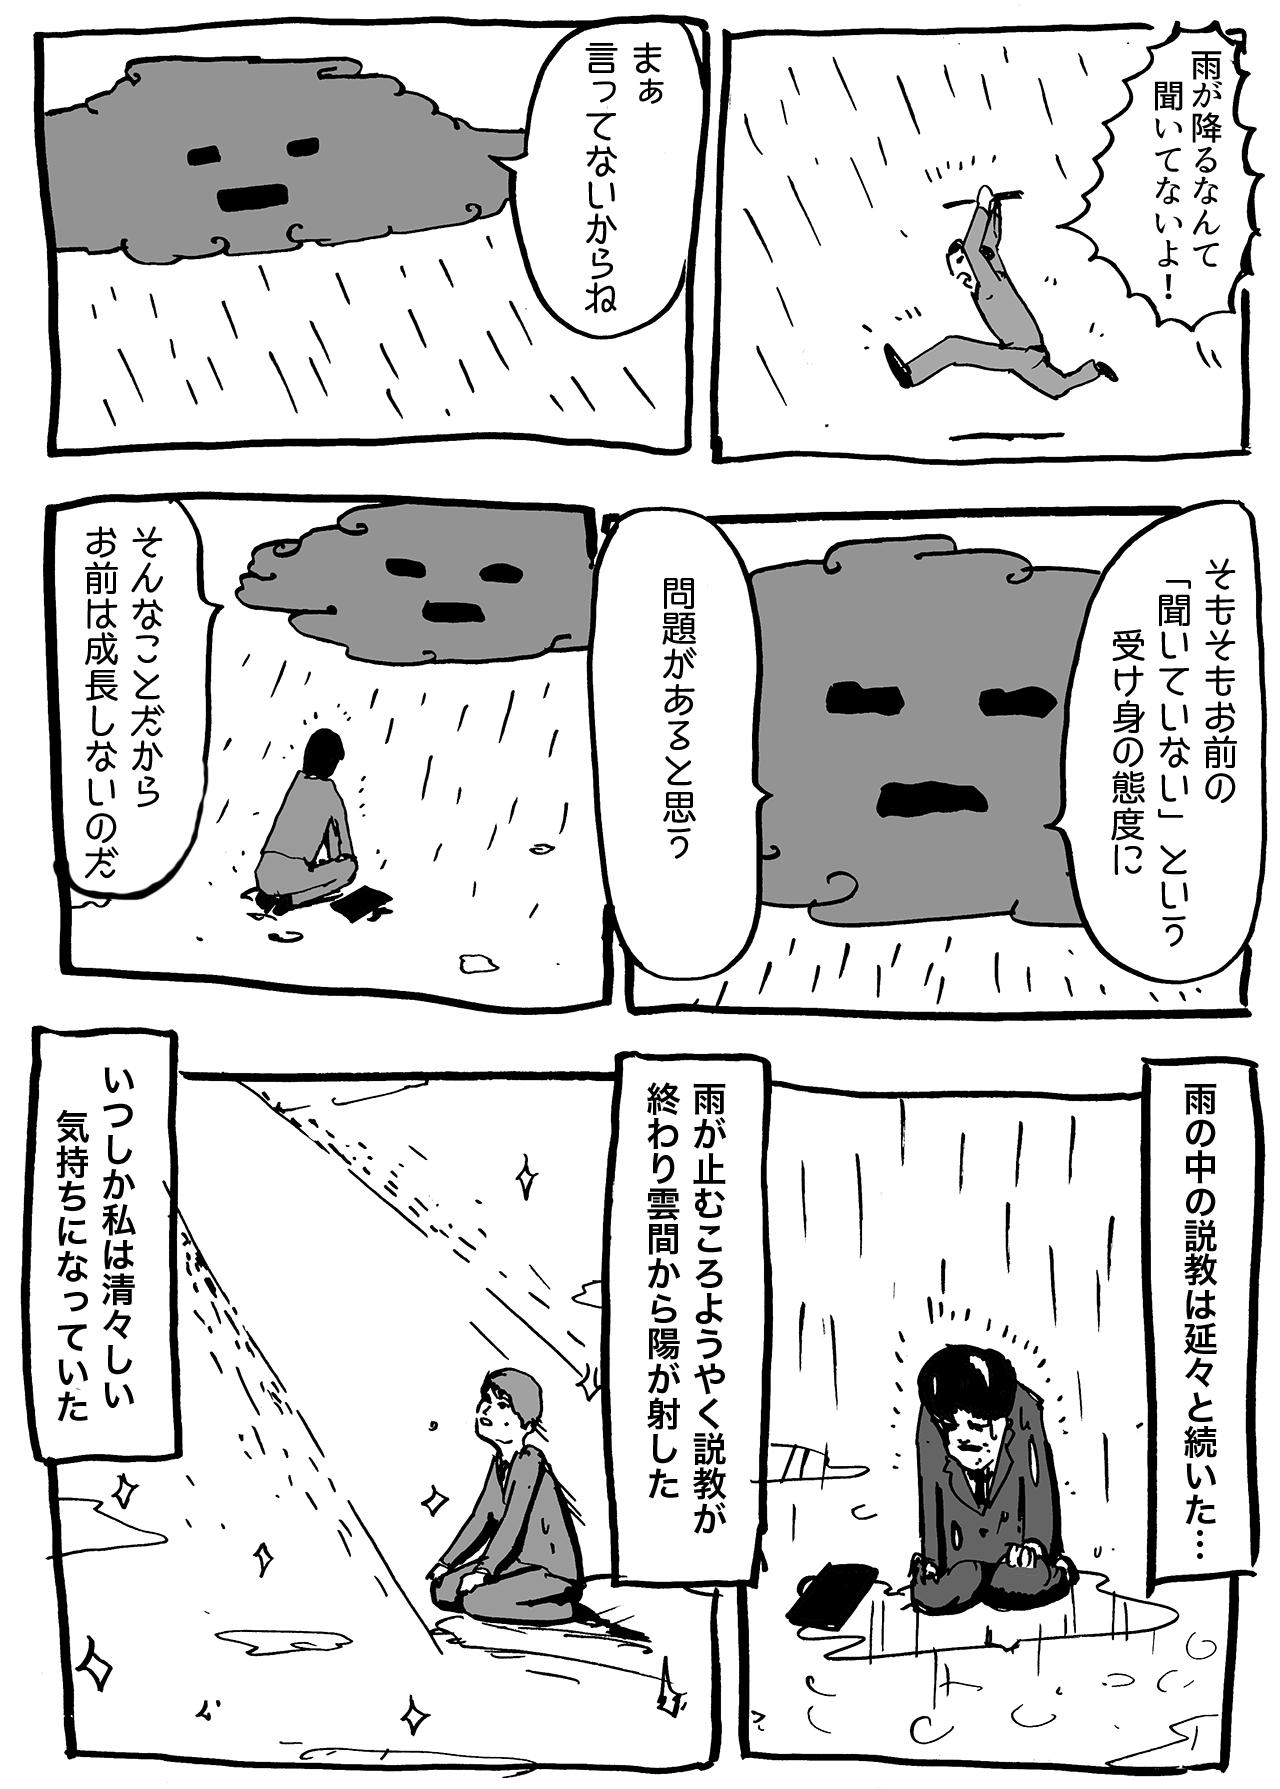 やまない雨はない